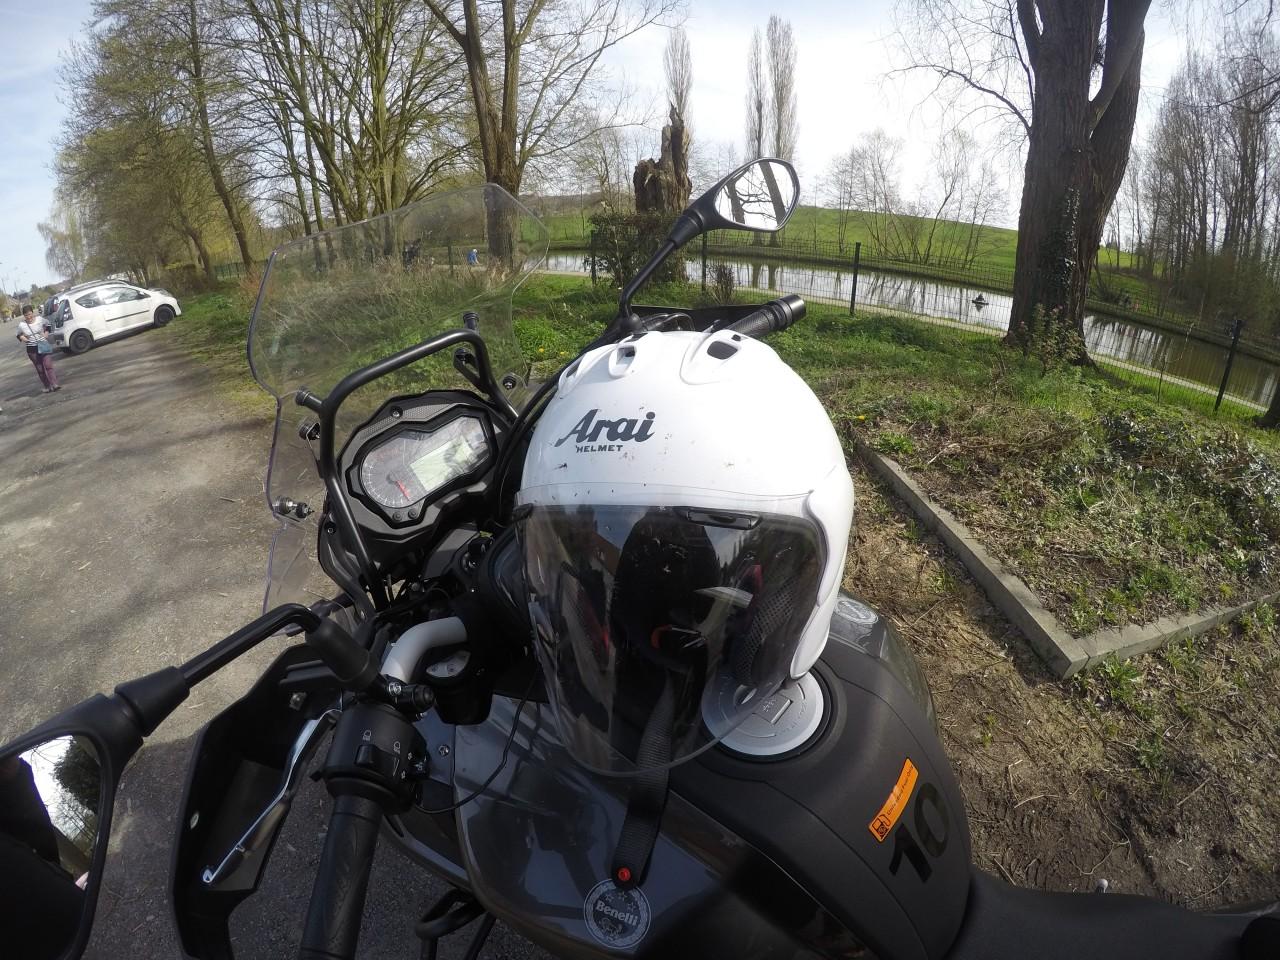 Le Arai Sz Ram X Le Jet Haut De Gamme Et Sportif Objectif Moto